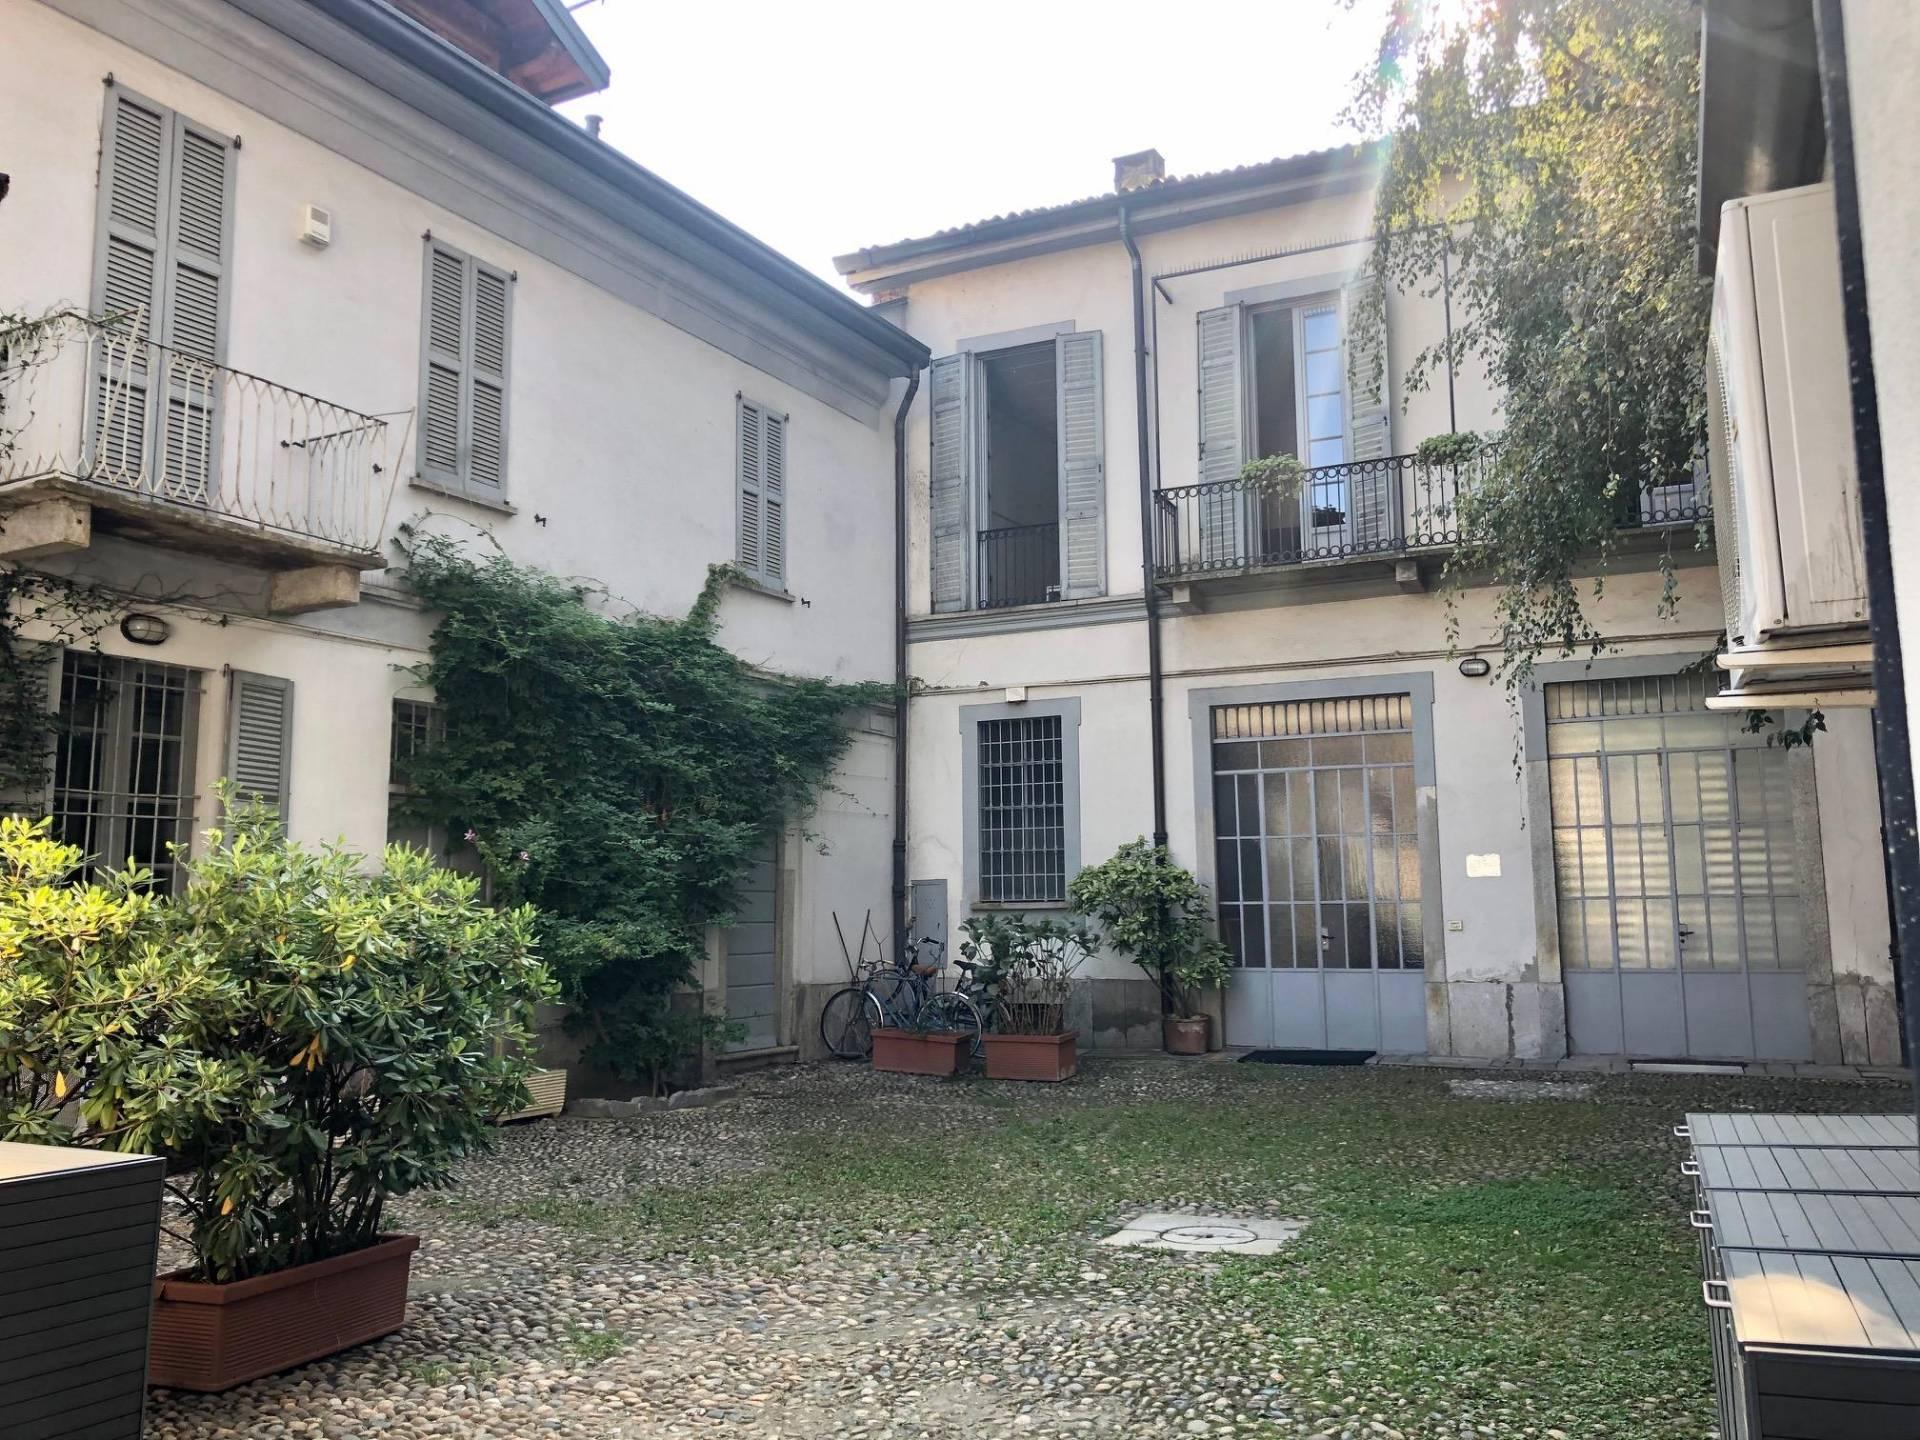 UFFICIO in Affitto a Porta Romana, Milano (MILANO)